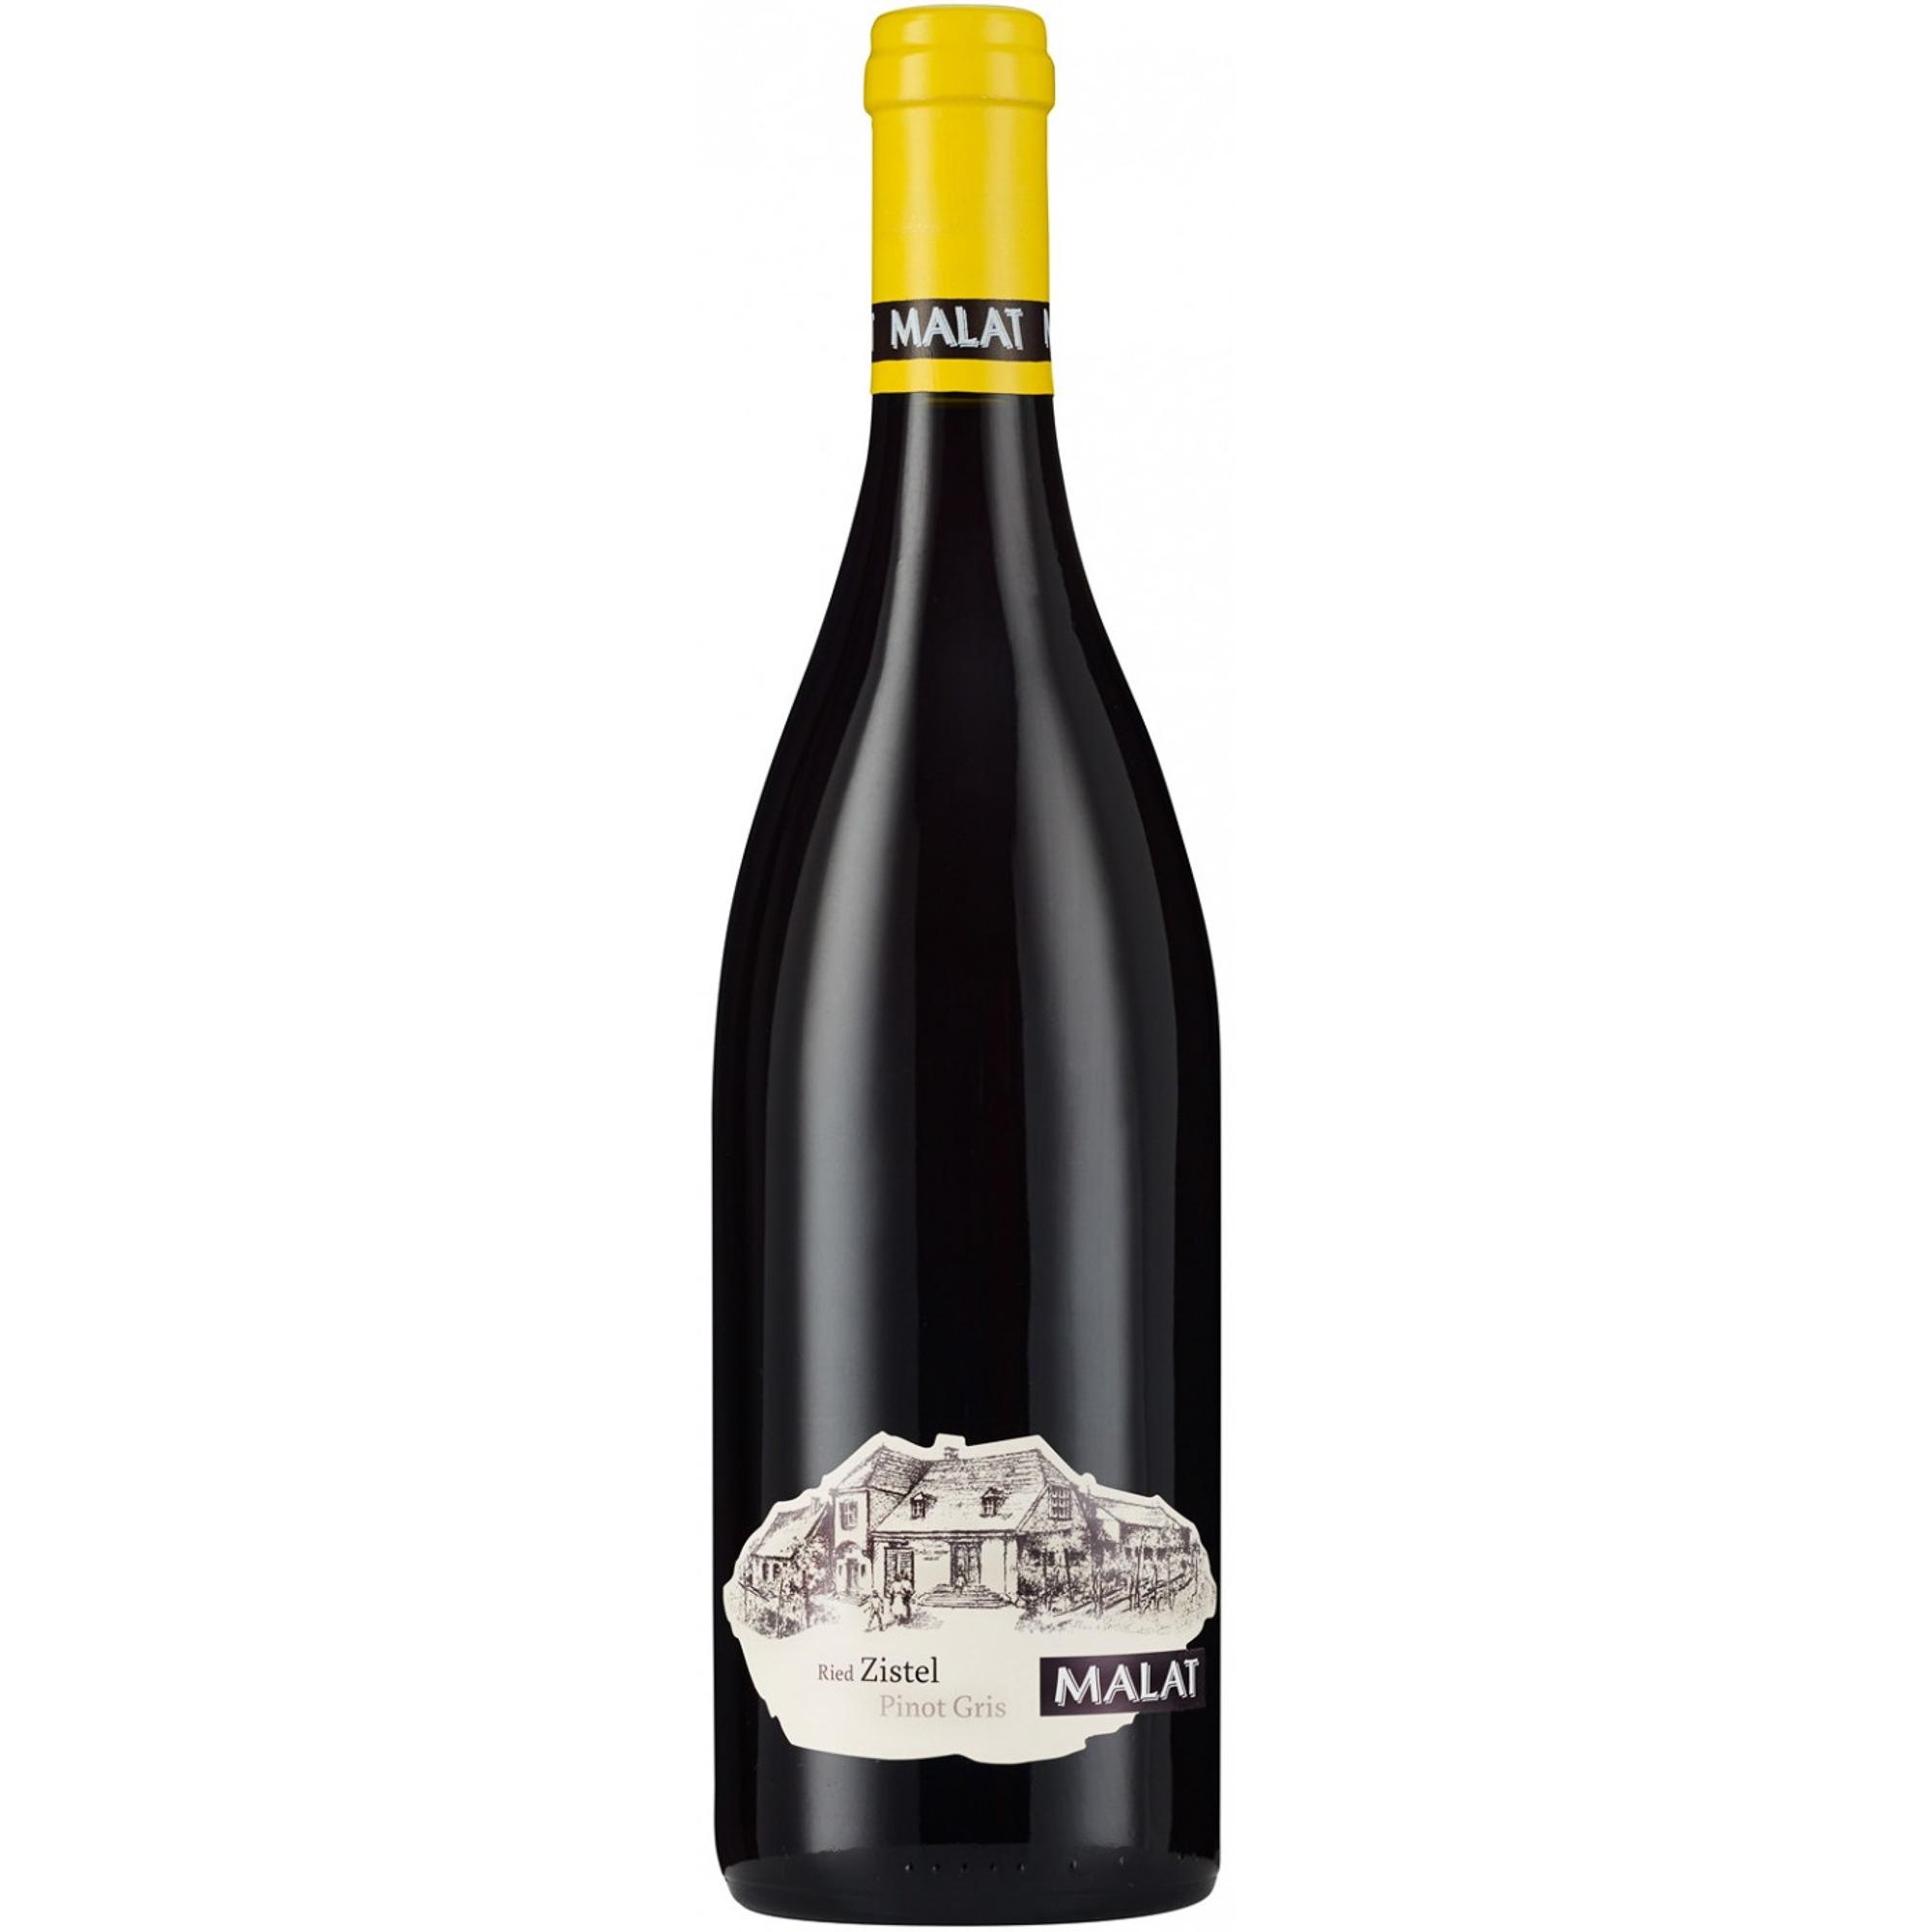 Купить Вино белое полусухое Malat Pinot Gris Zistel 0, 75 л, Австрия, Золотисто-желтый